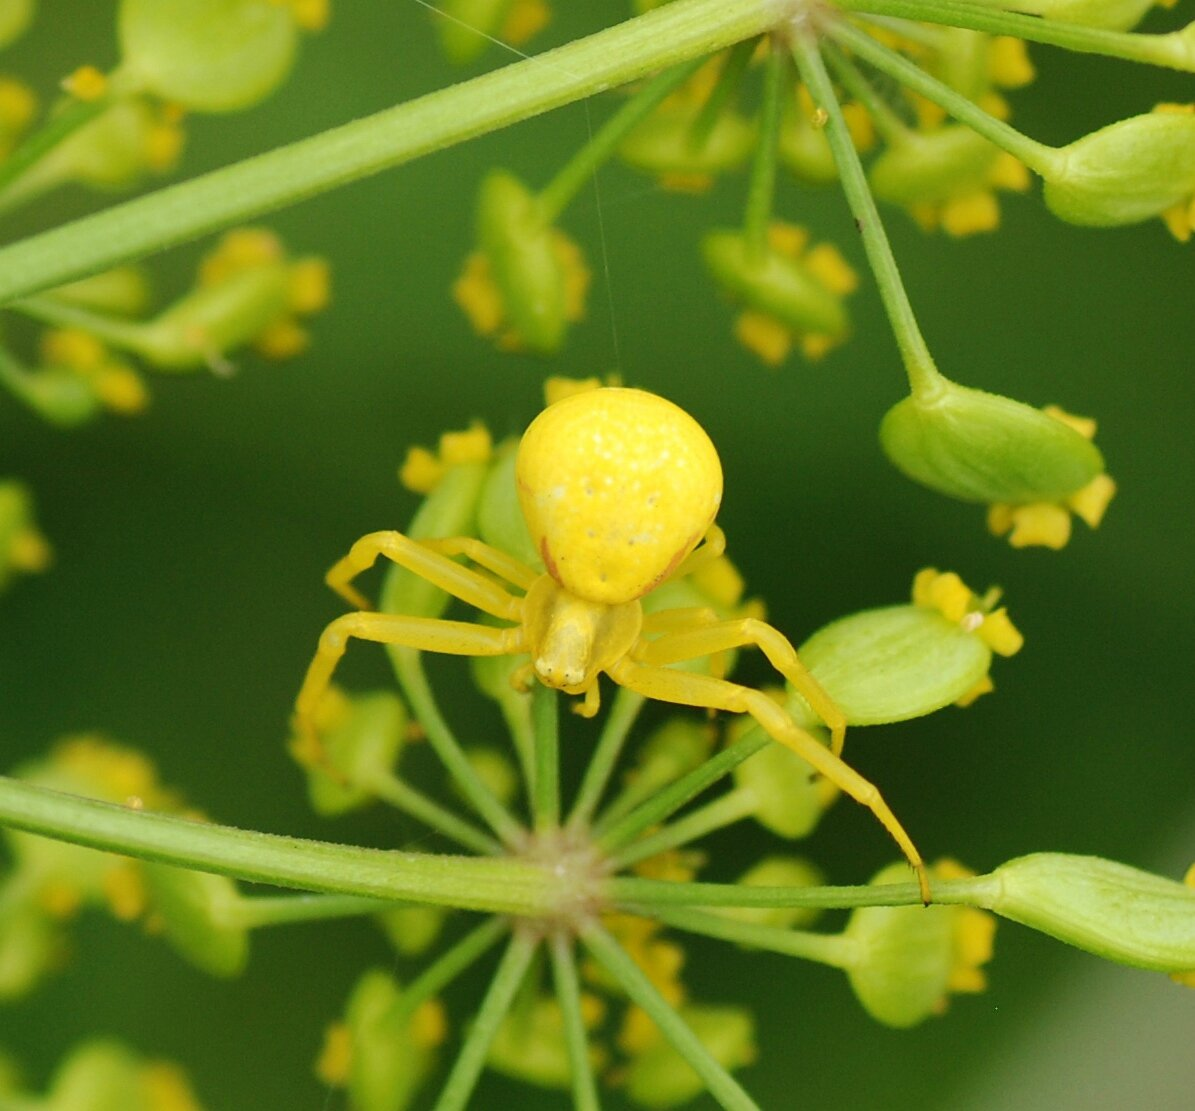 L'araignée crabe (Misumena vatia)